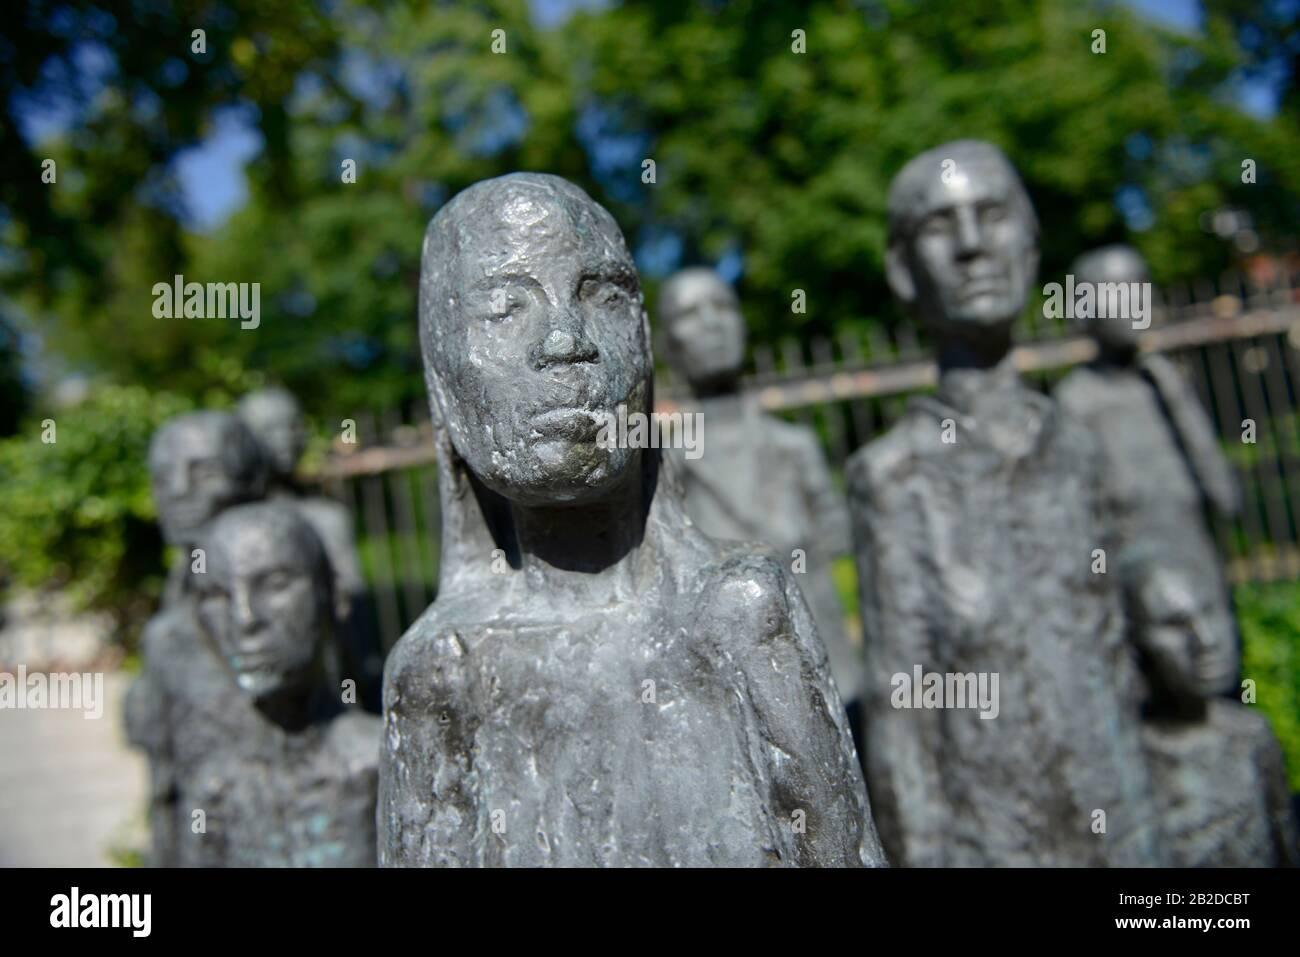 Skulptur ´Jüdische Opfer des Faschismus´, Grosse Hamburger Strasse, Mitte, Berlin, Deutschland Stock Photo